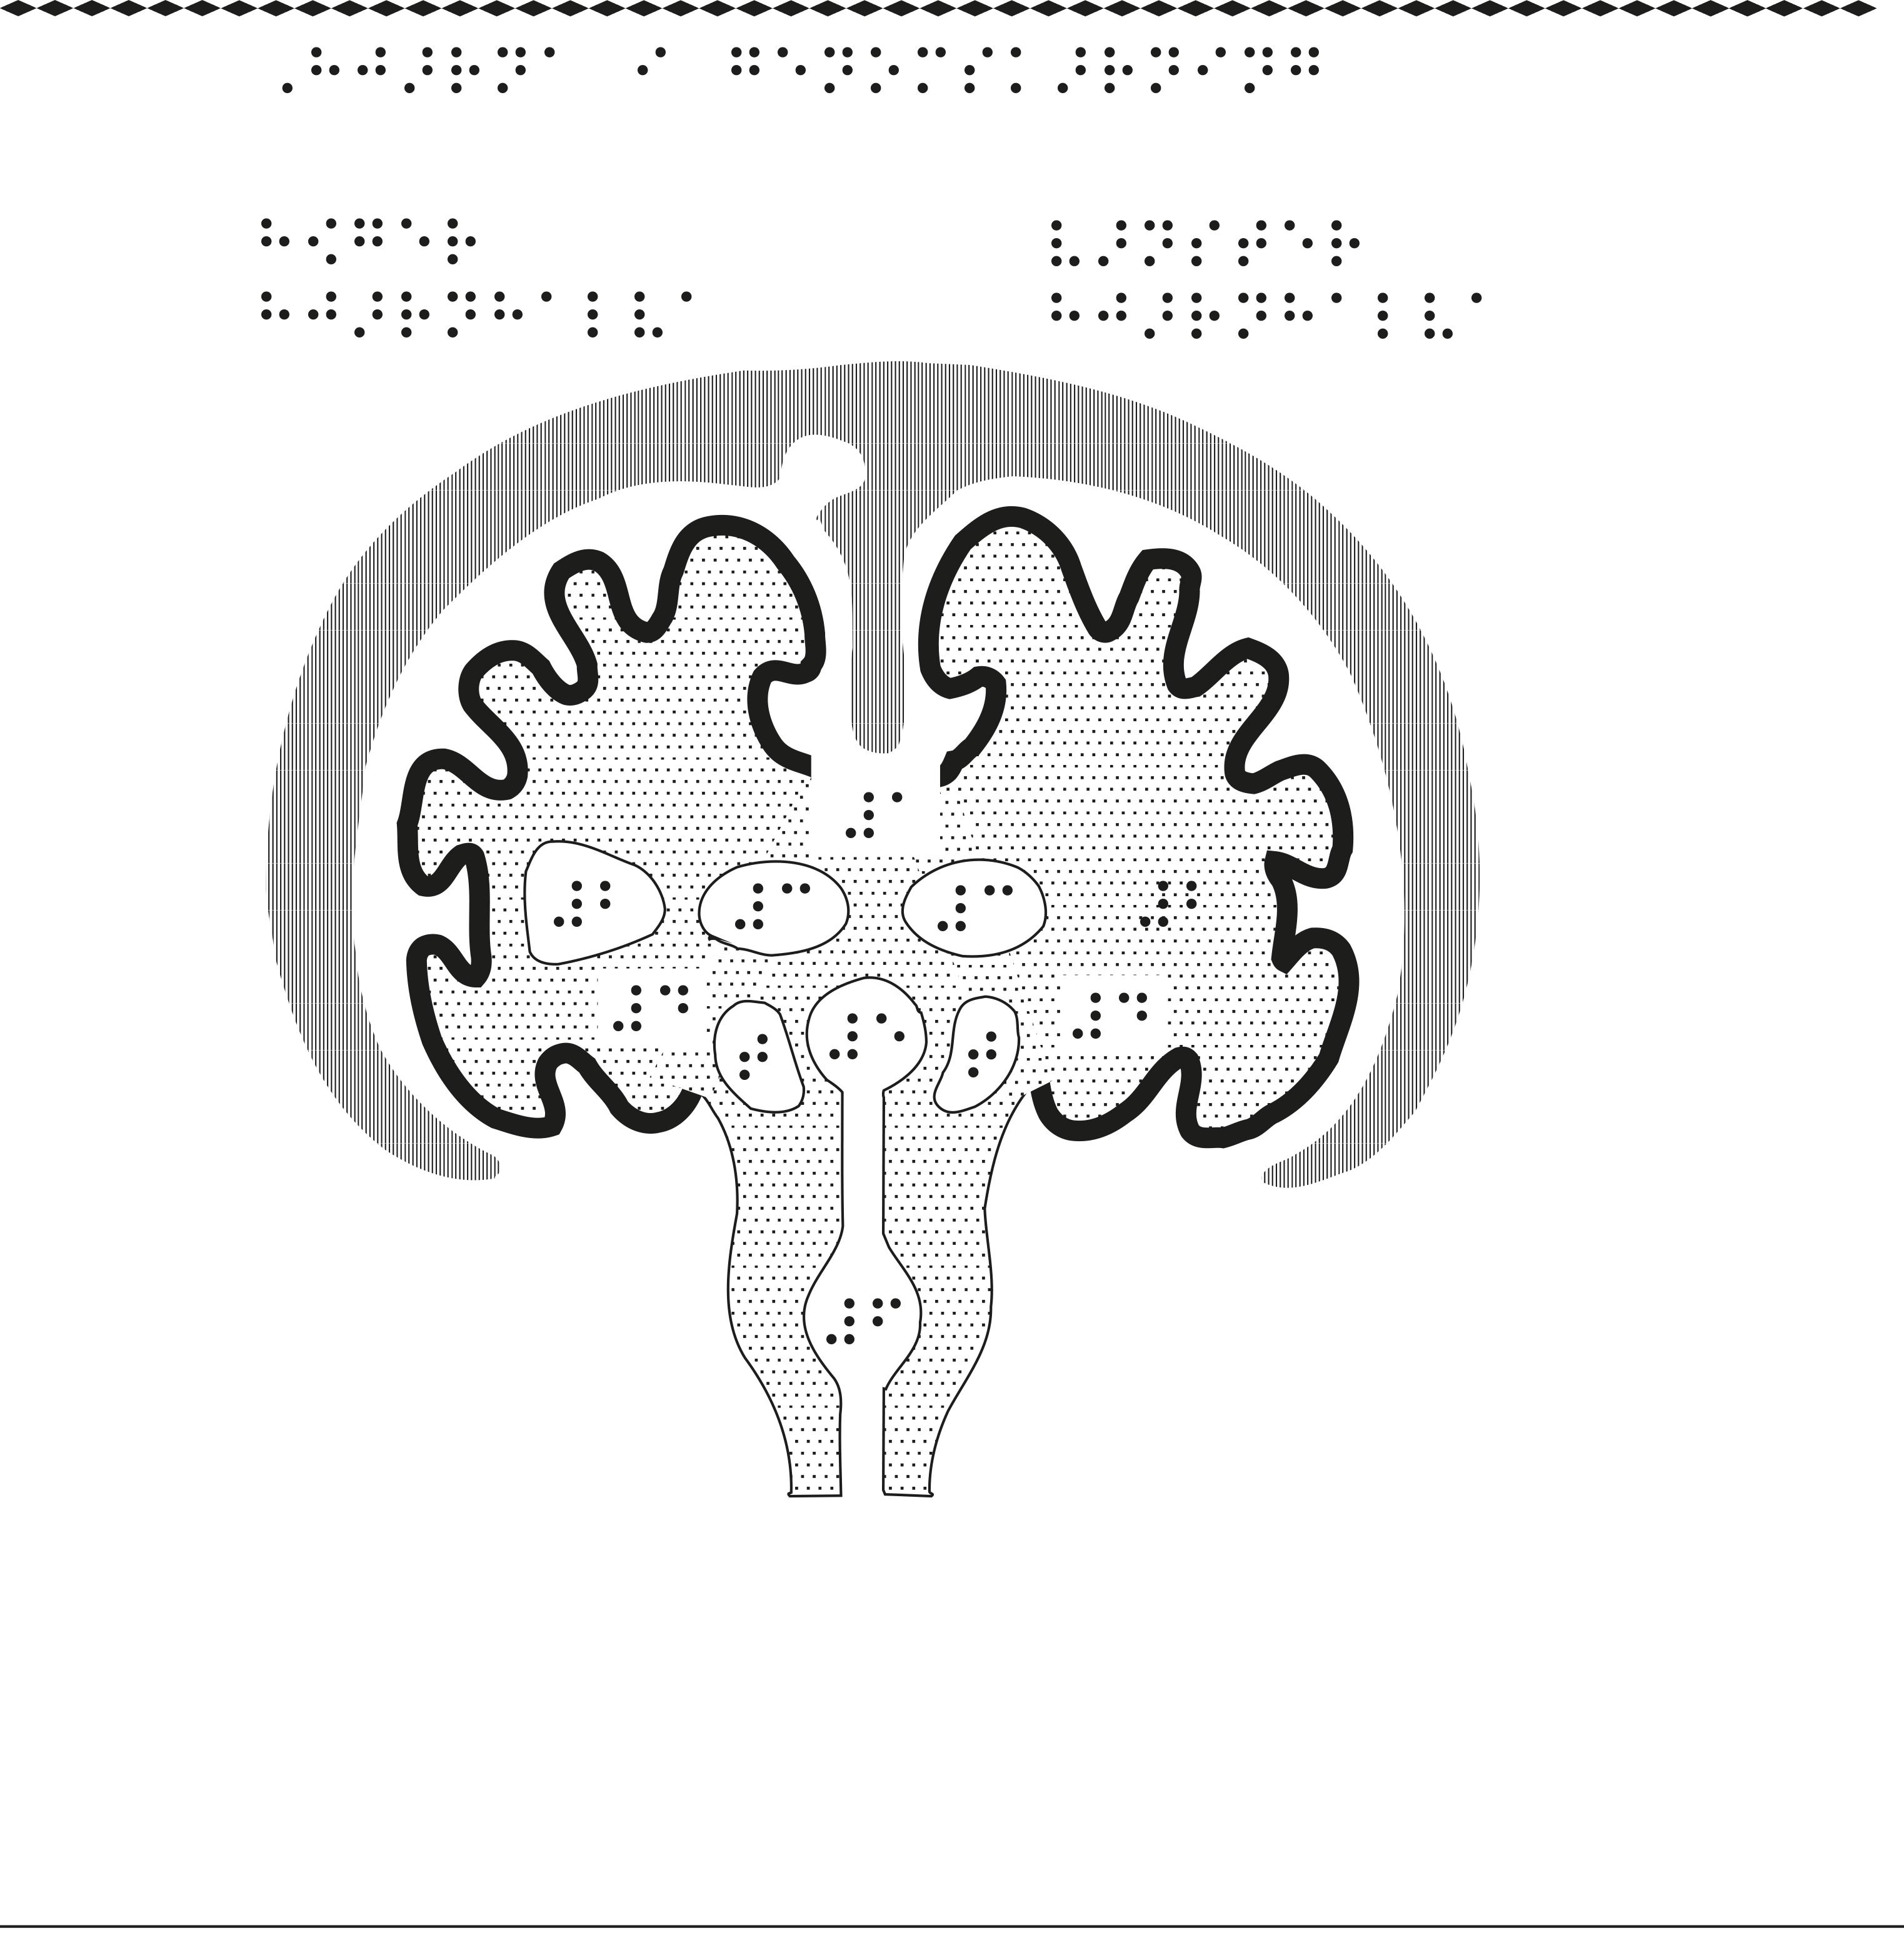 Hjärnan i genomskärning.